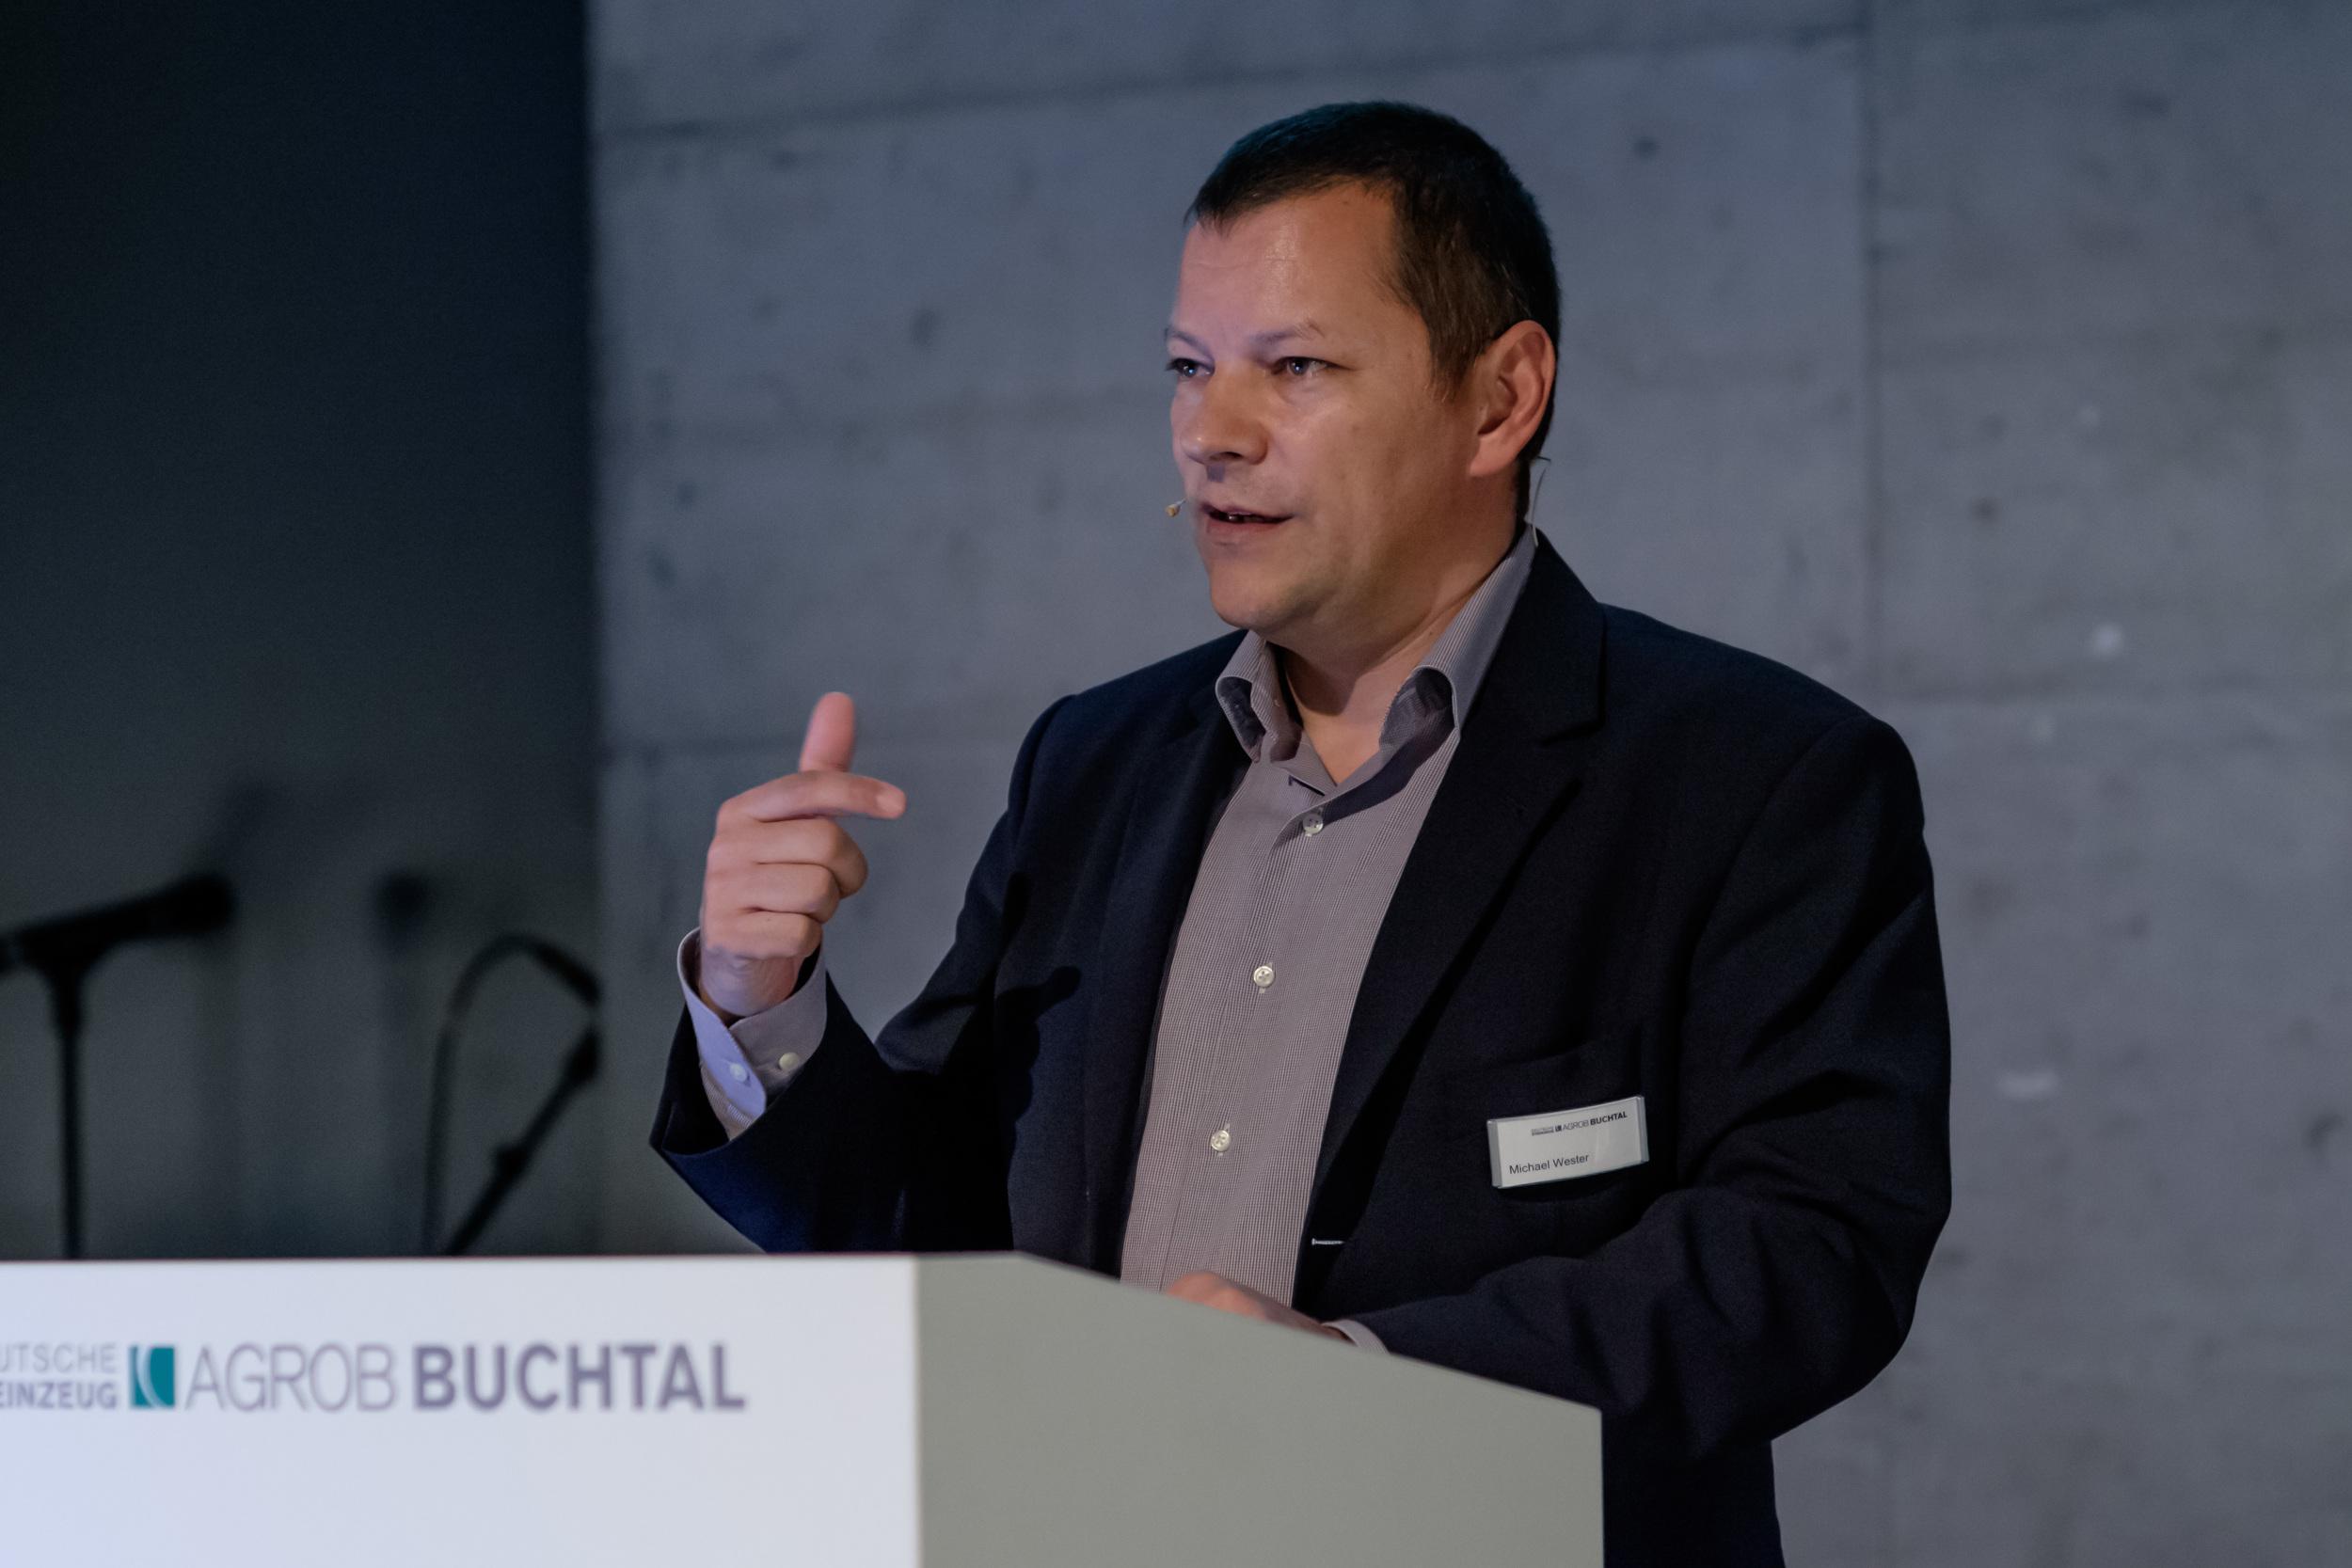 Produktepräsentation Deutsche Steinzeug / Agrob Buchtal